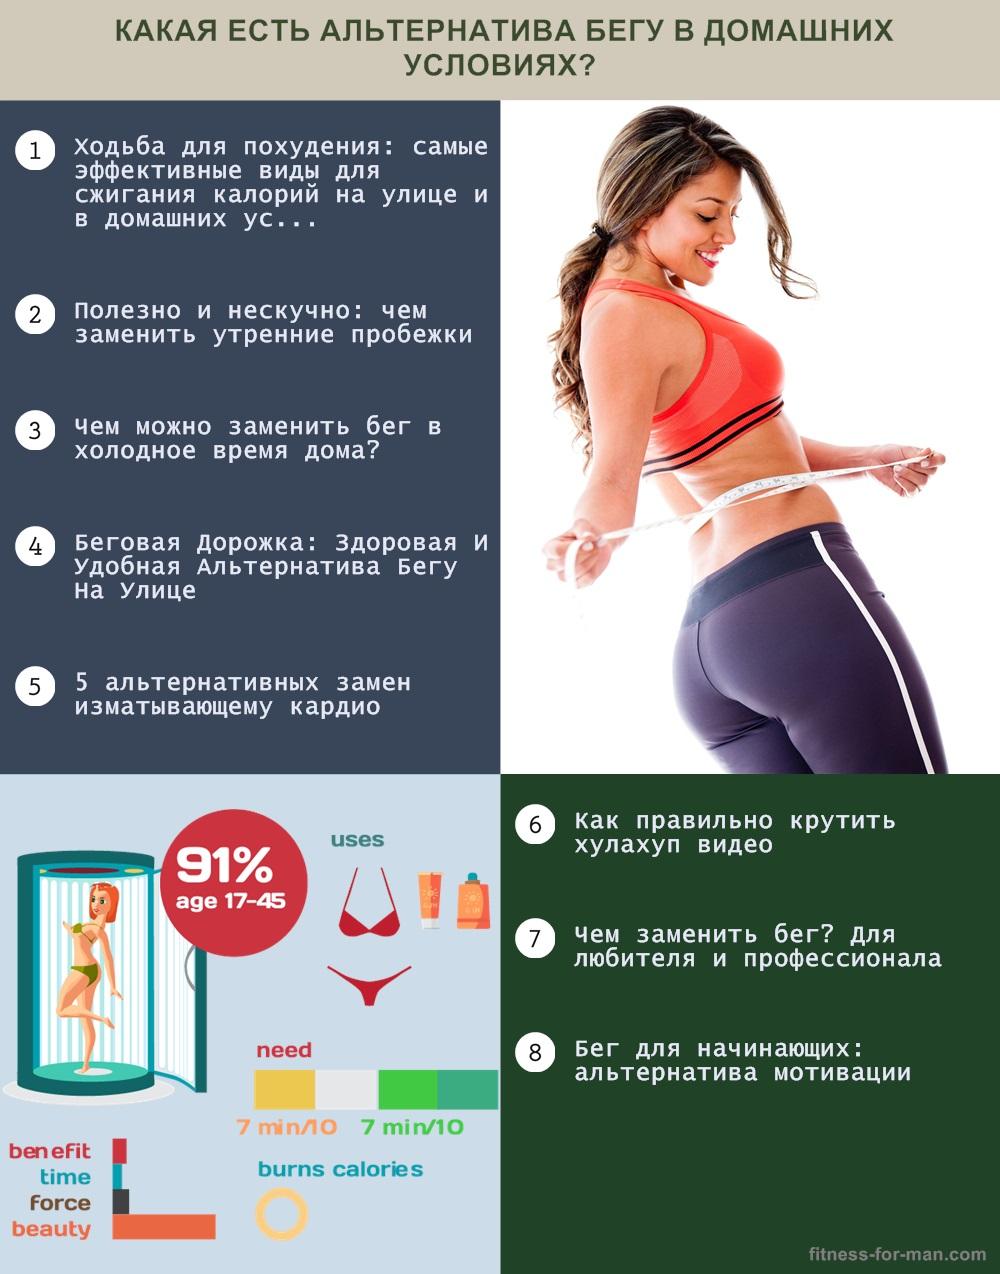 Как похудеть с помощью бега - программа тренировок и результаты пробежек утром или вечером